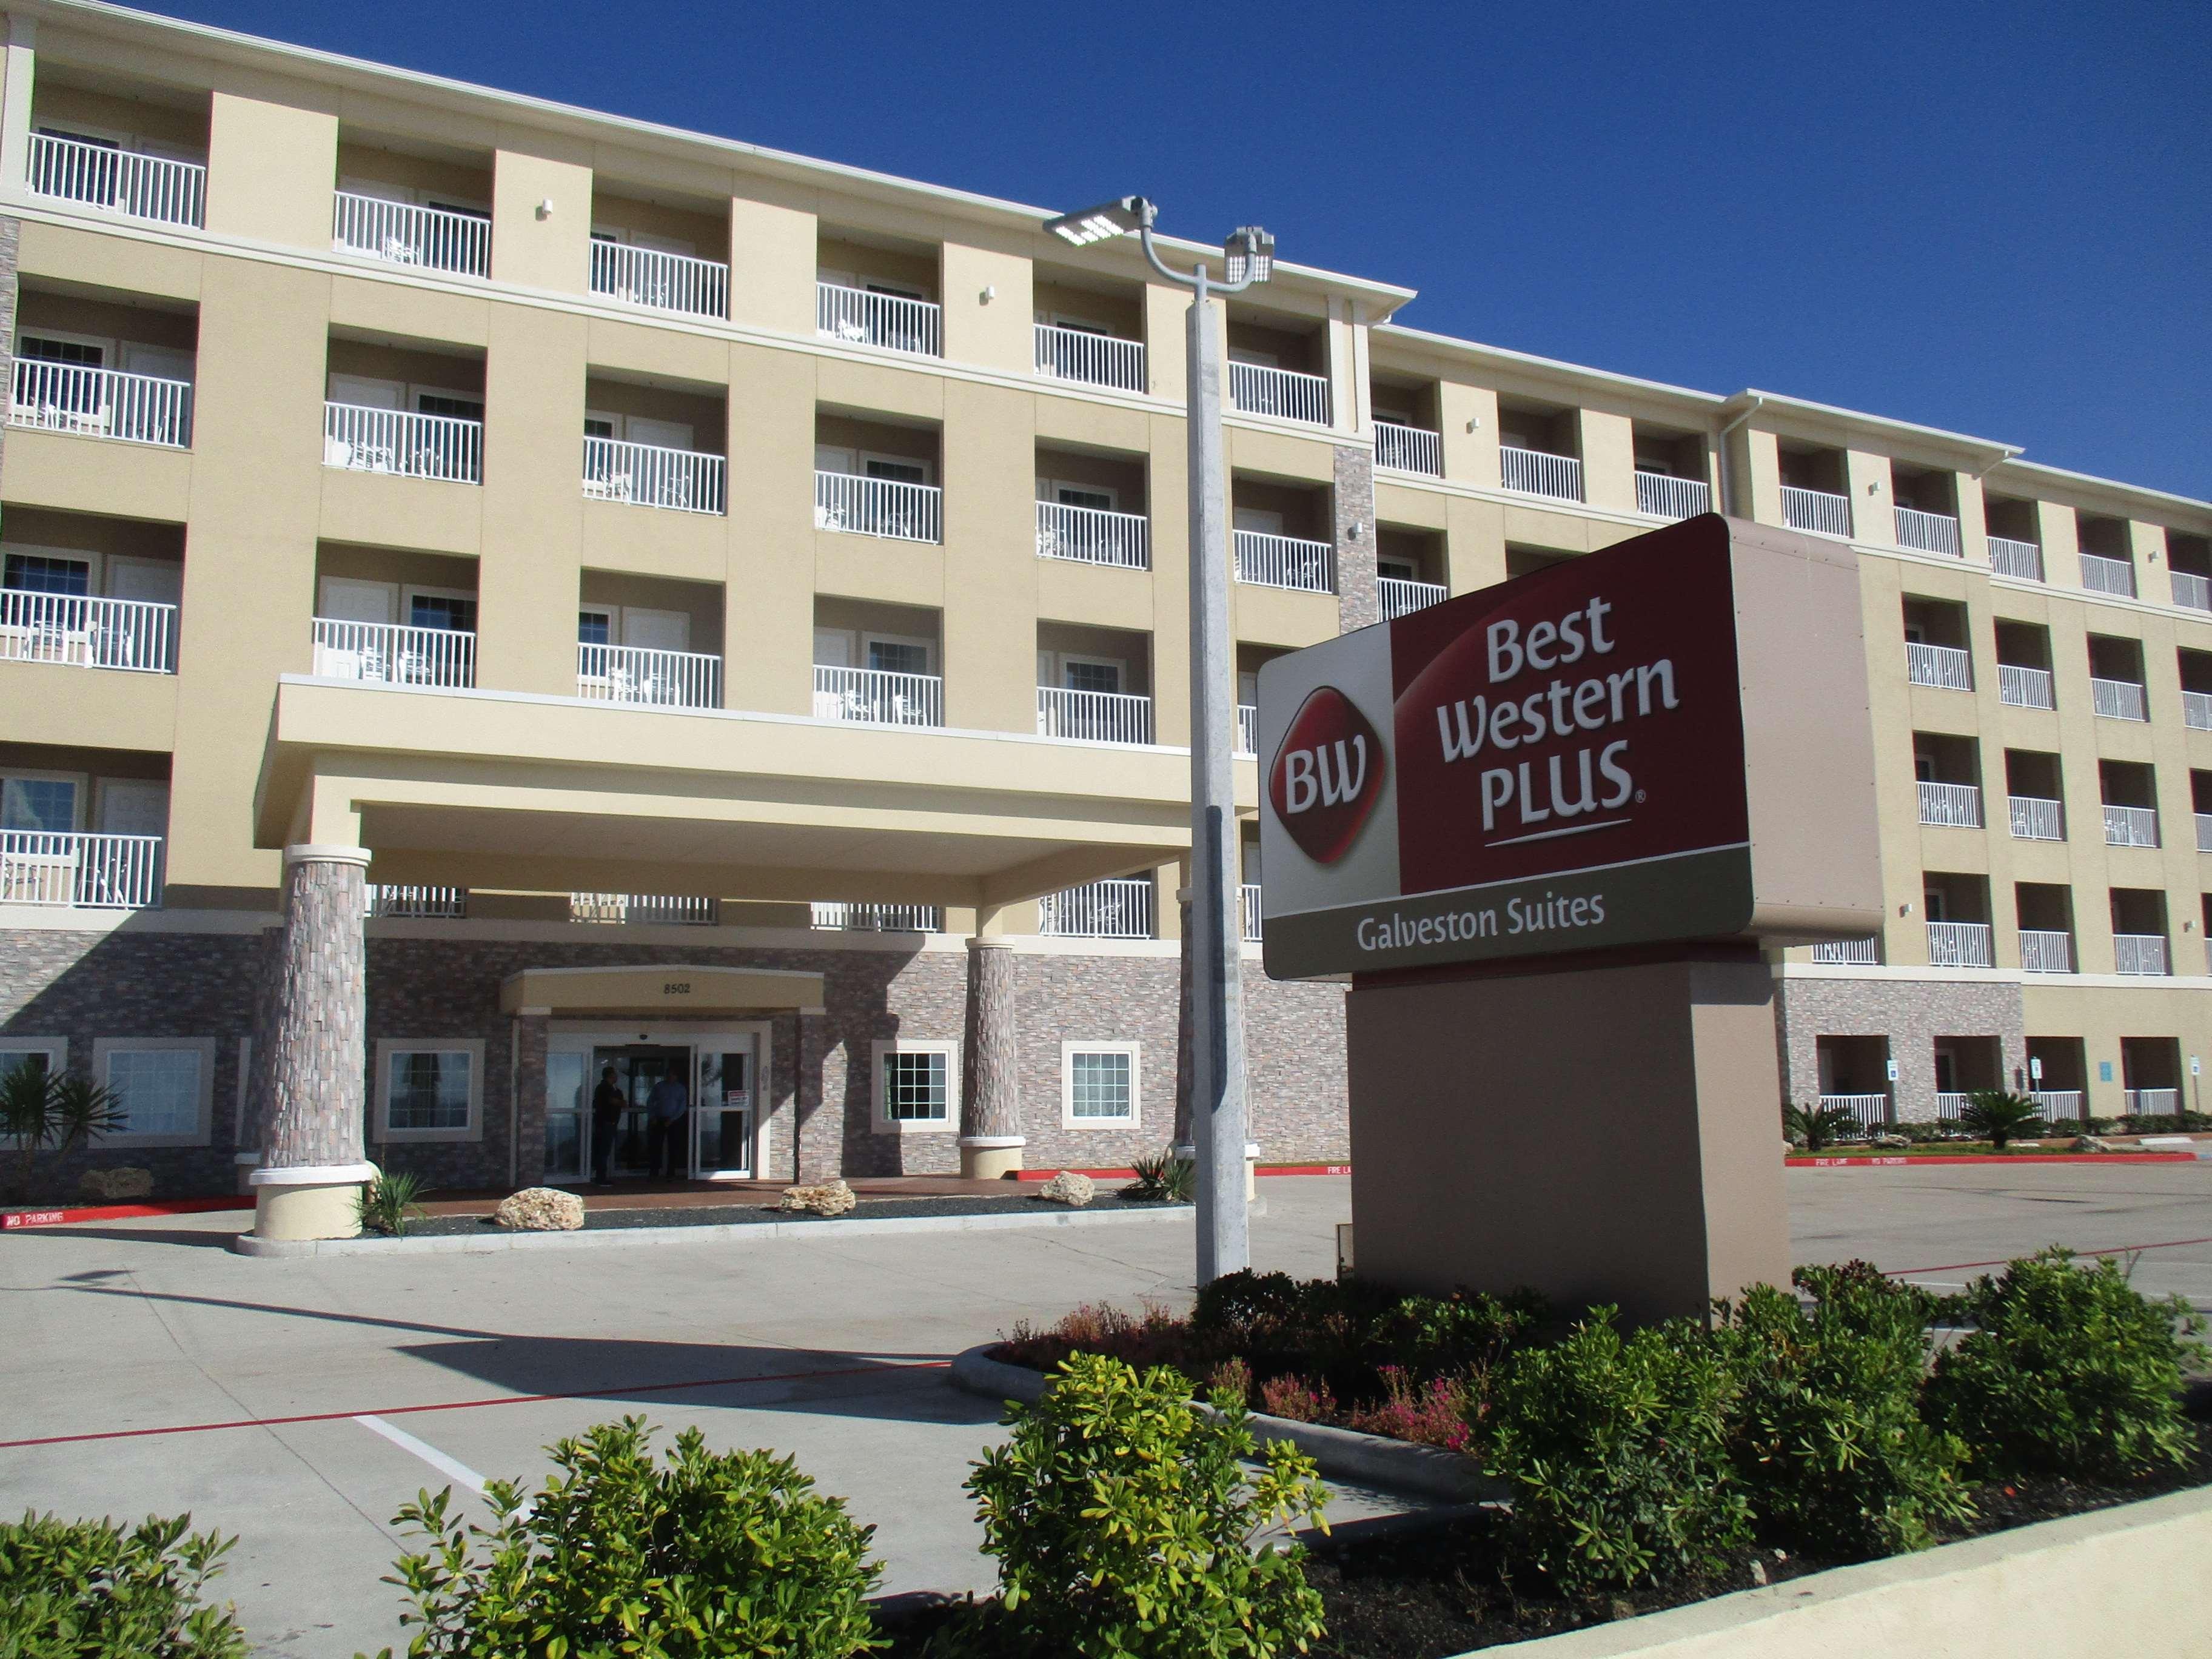 Best Western Plus Galveston Suites Galveston Texas Tx